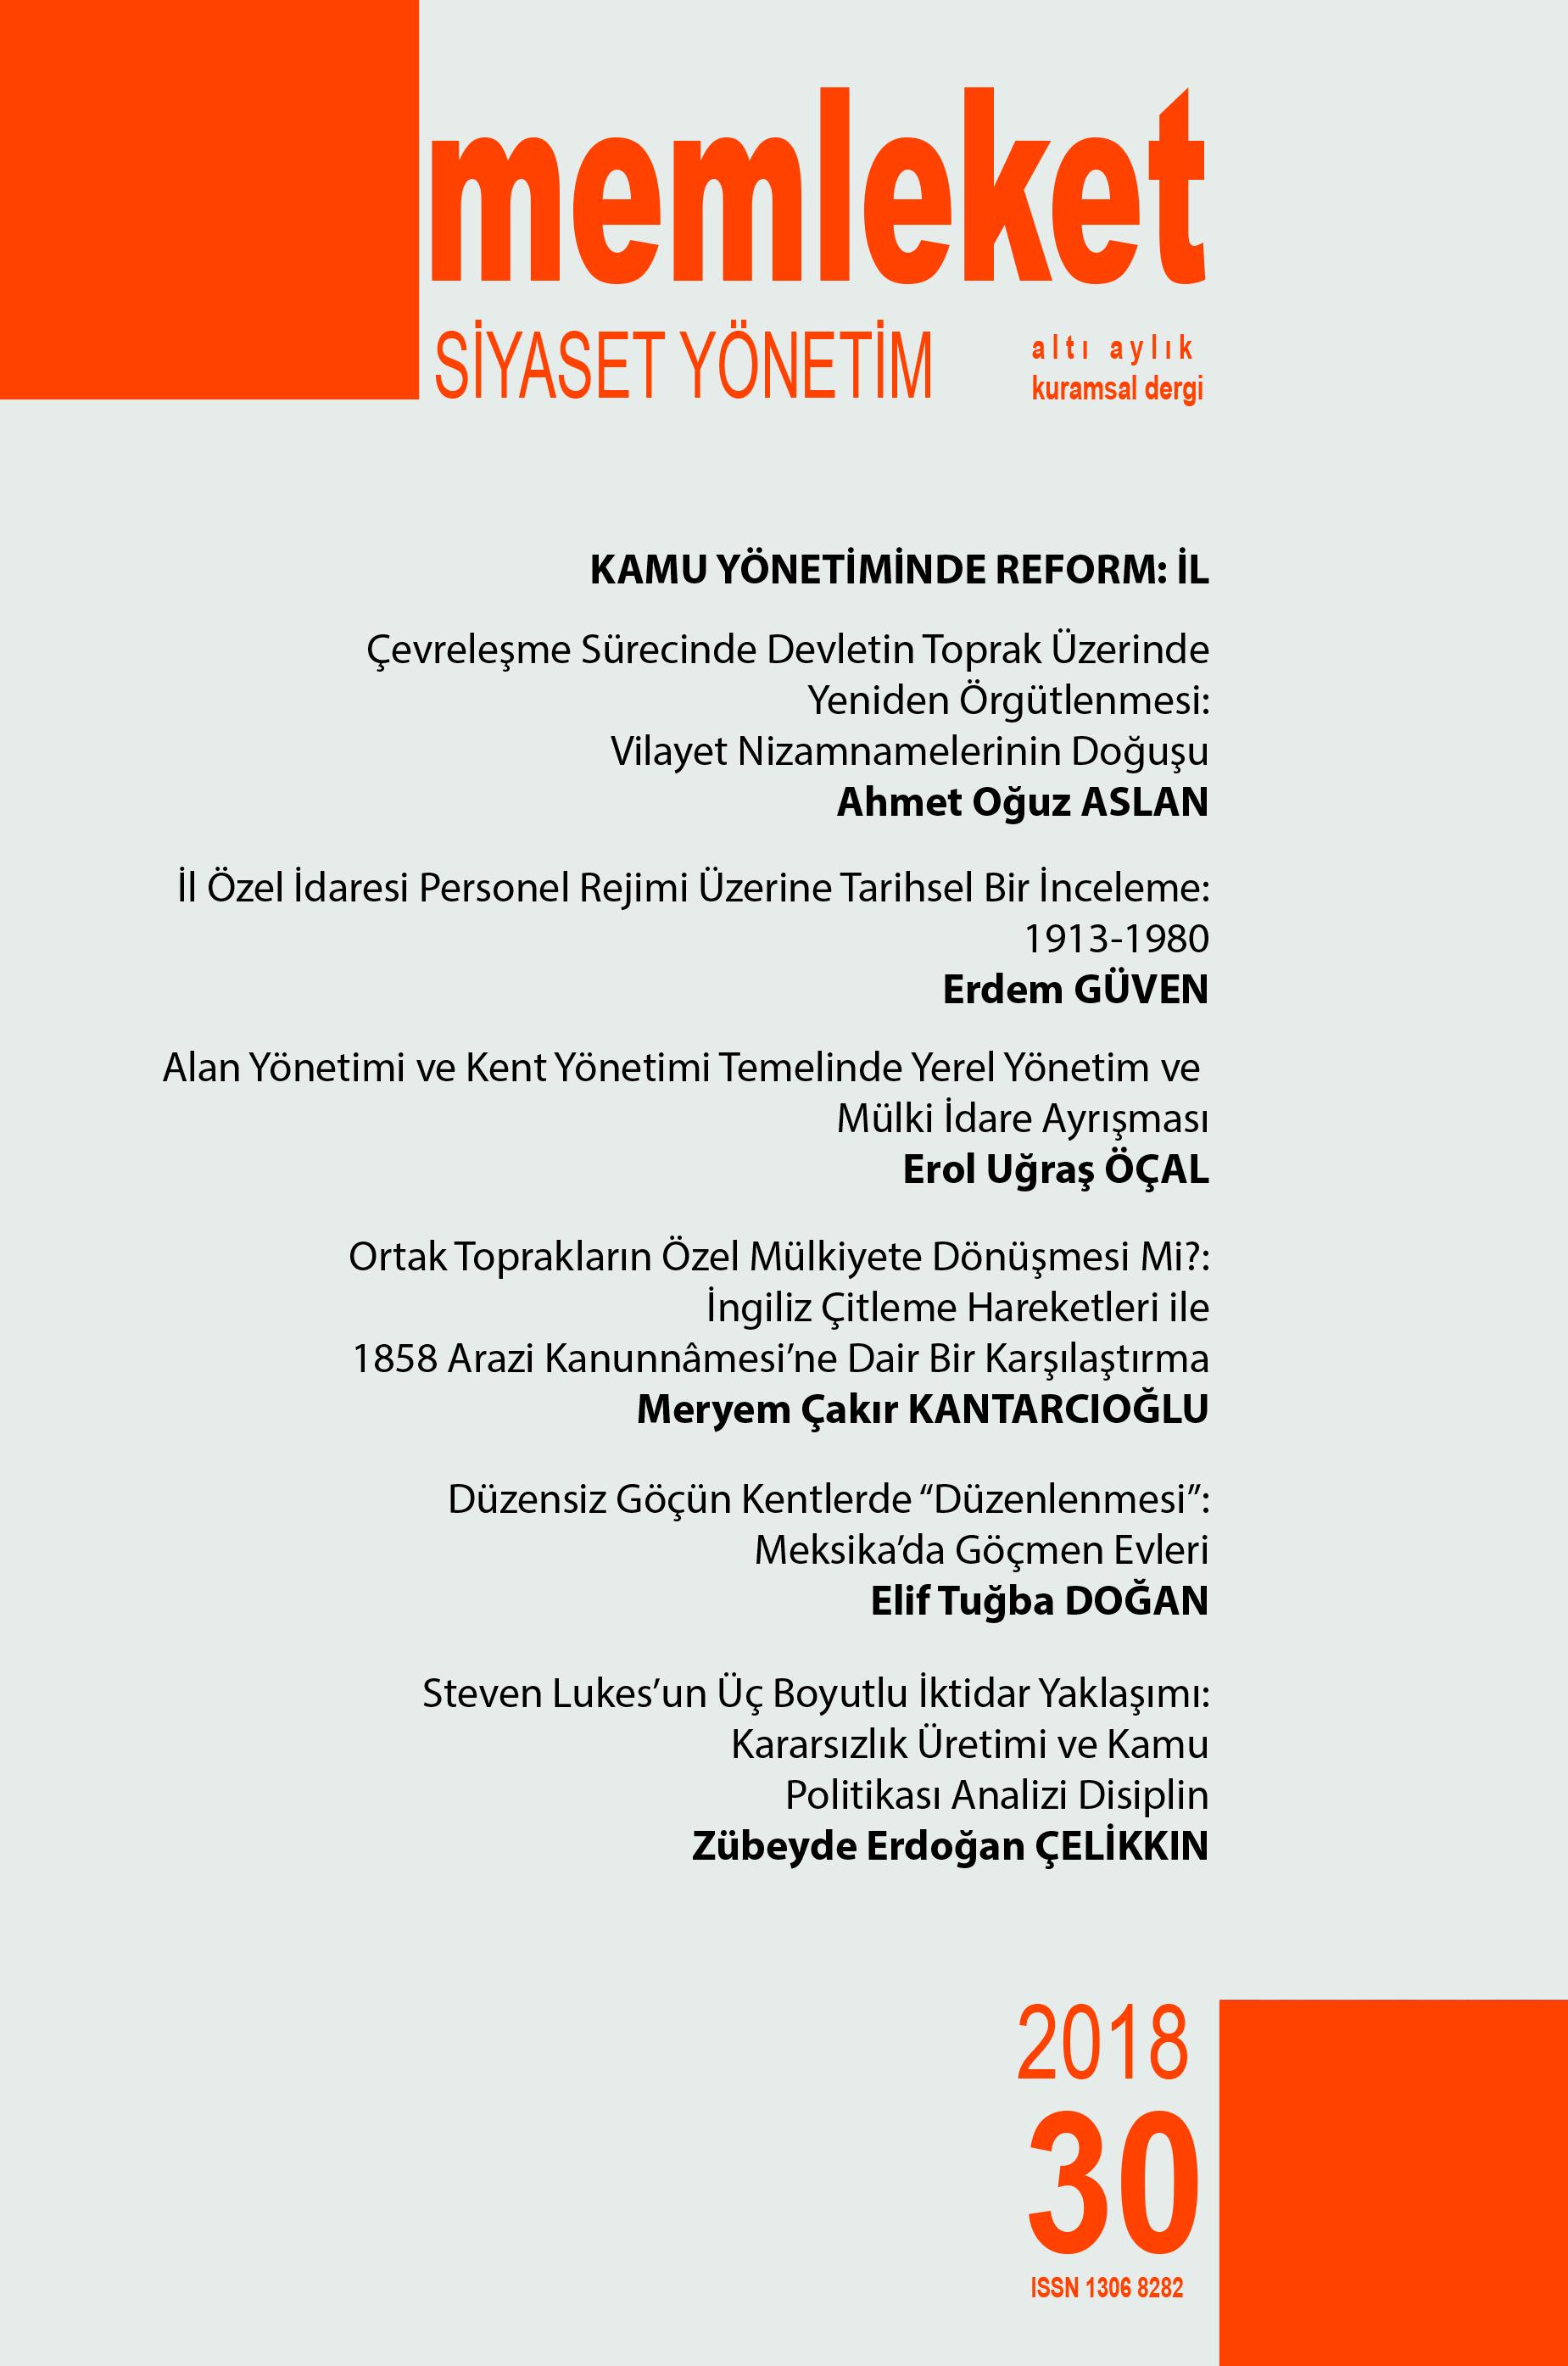 Memleket Siyaset Yönetim (MSY) Dergimizin 30. Sayısı Çıktı.